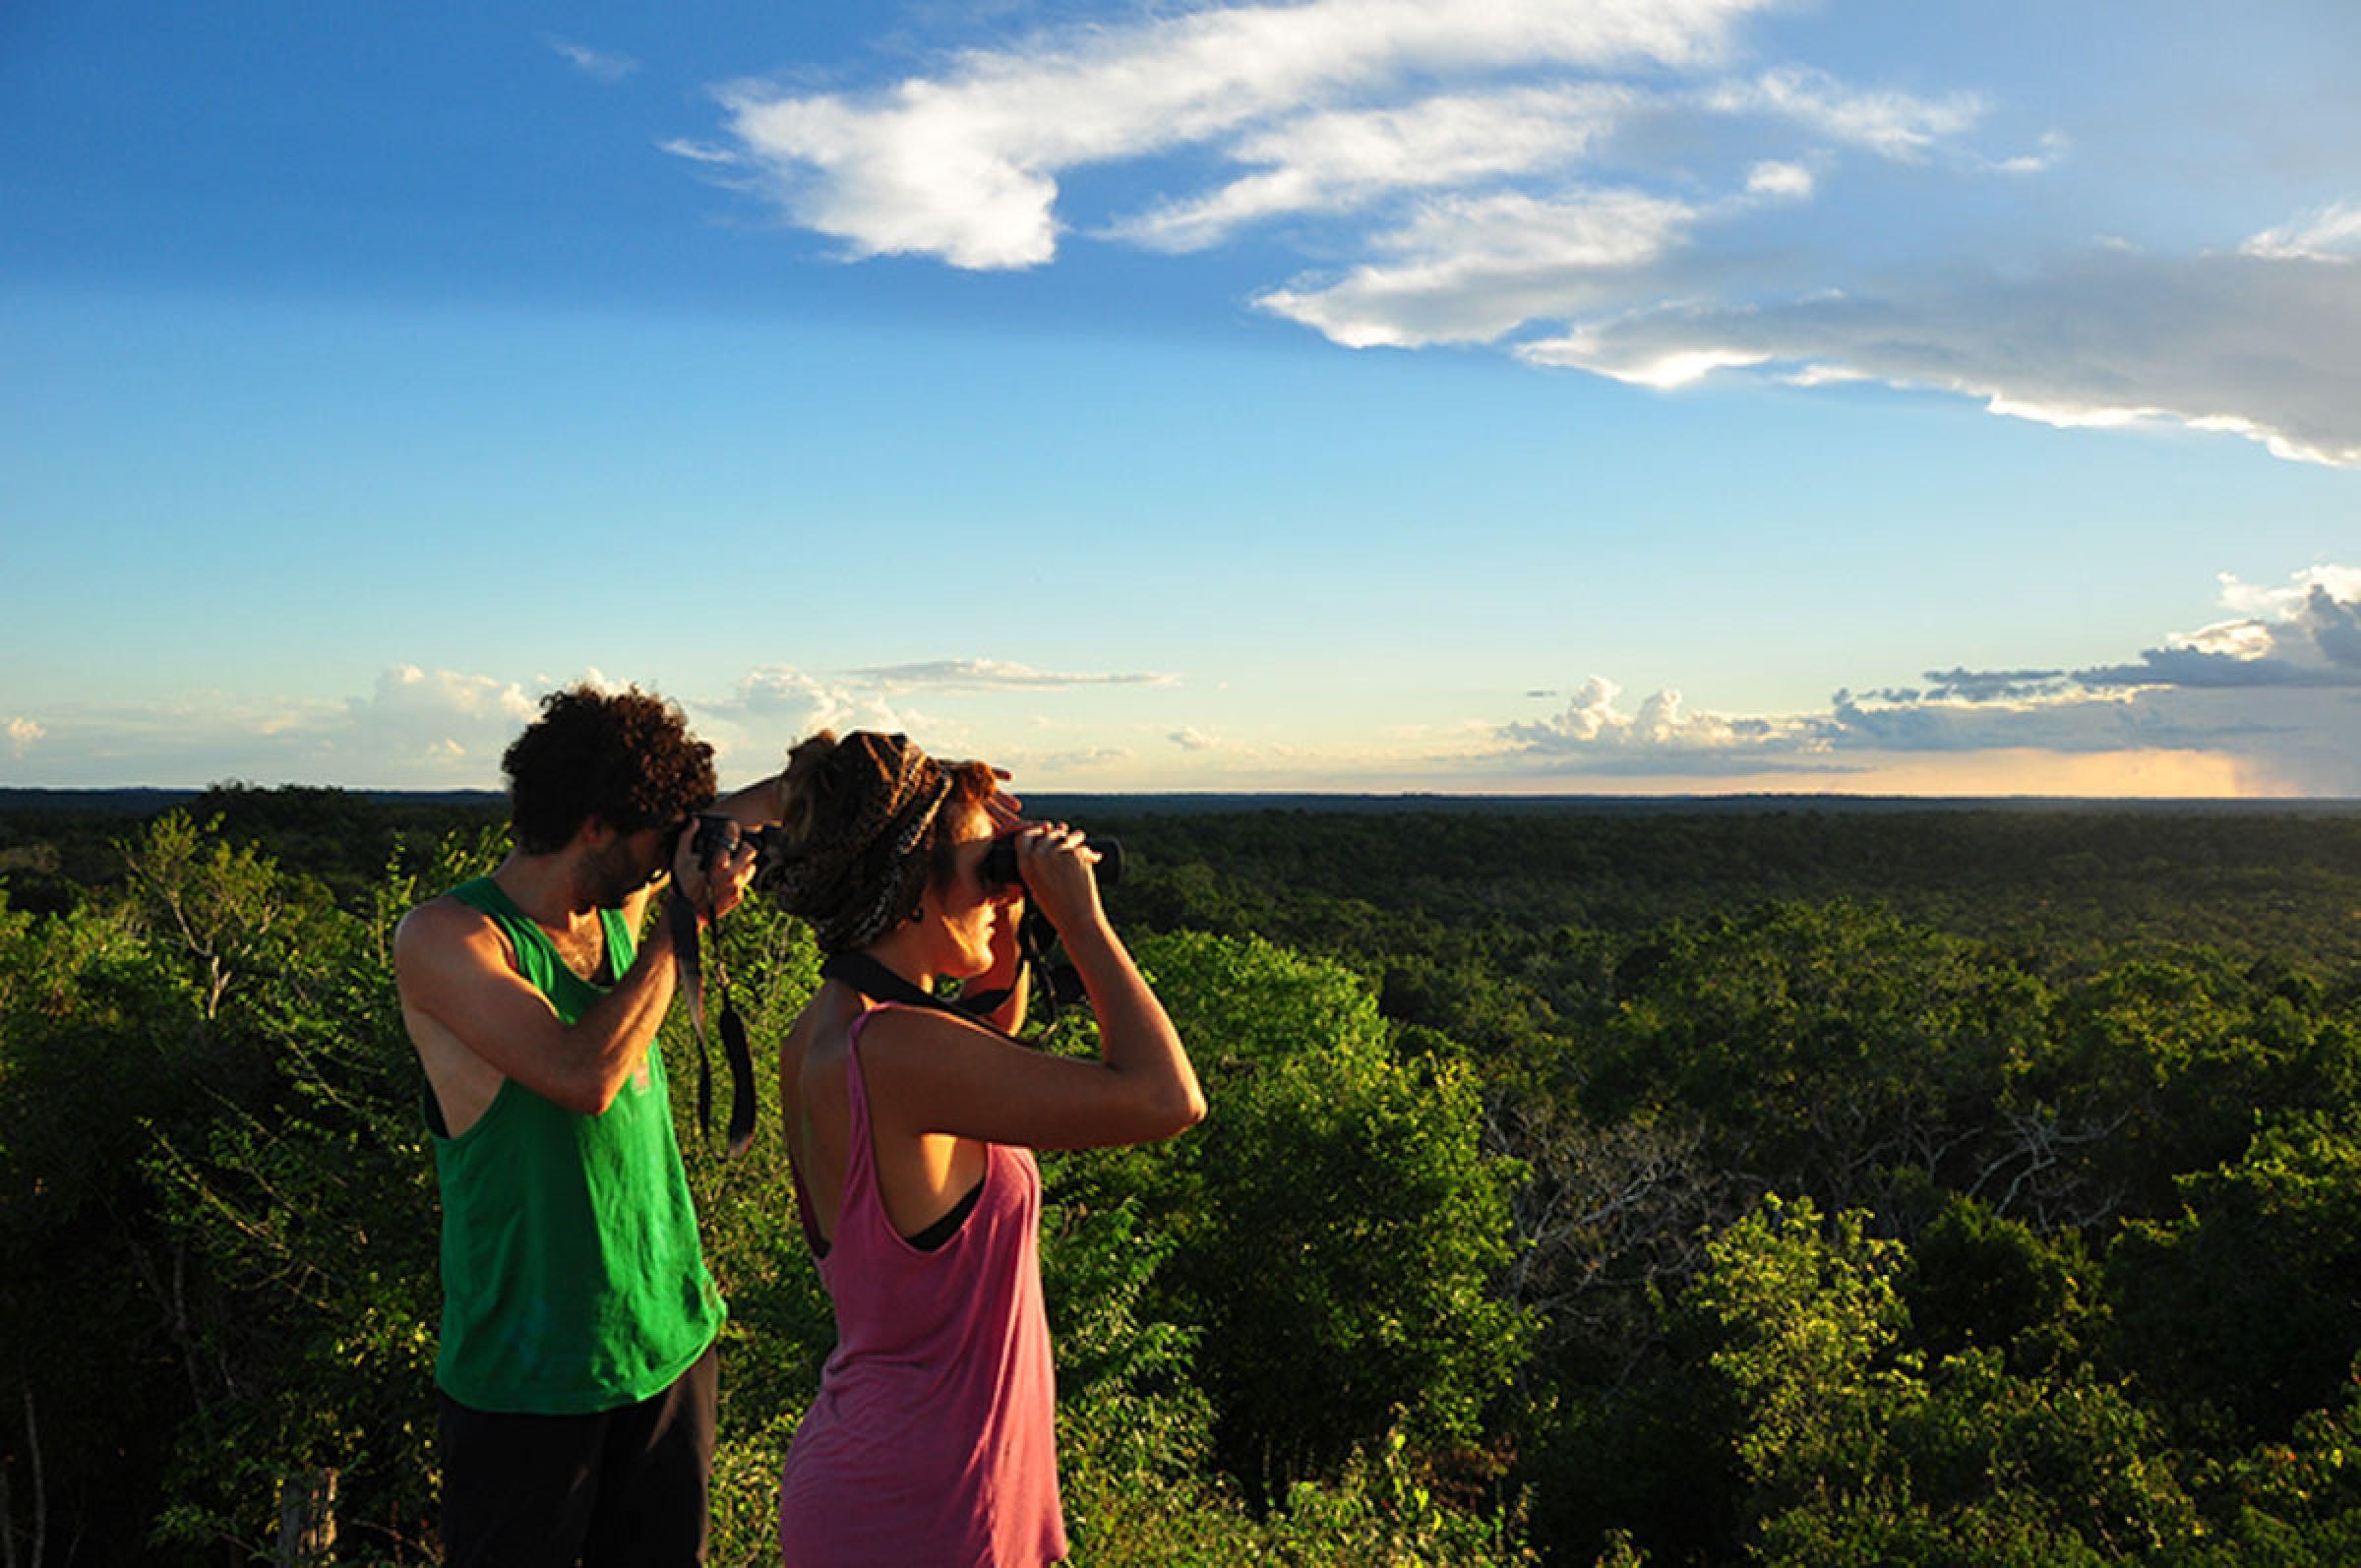 El Mirador 5-day Trail